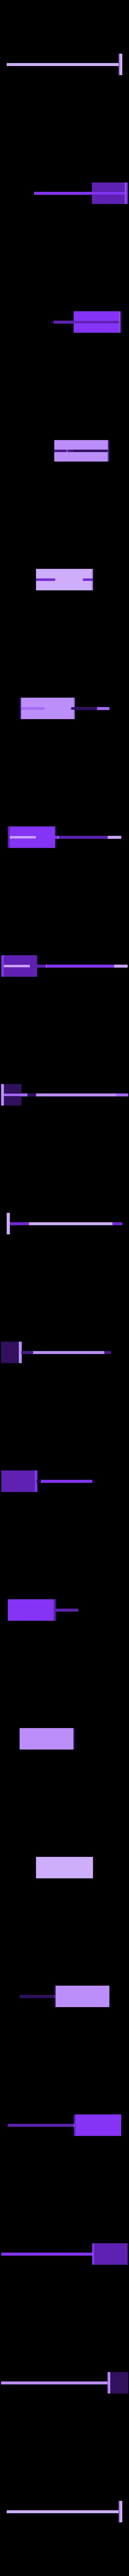 Escuadra con marcadores a 5mm.stl Download STL file Marker square • Object to 3D print, CHS_ht